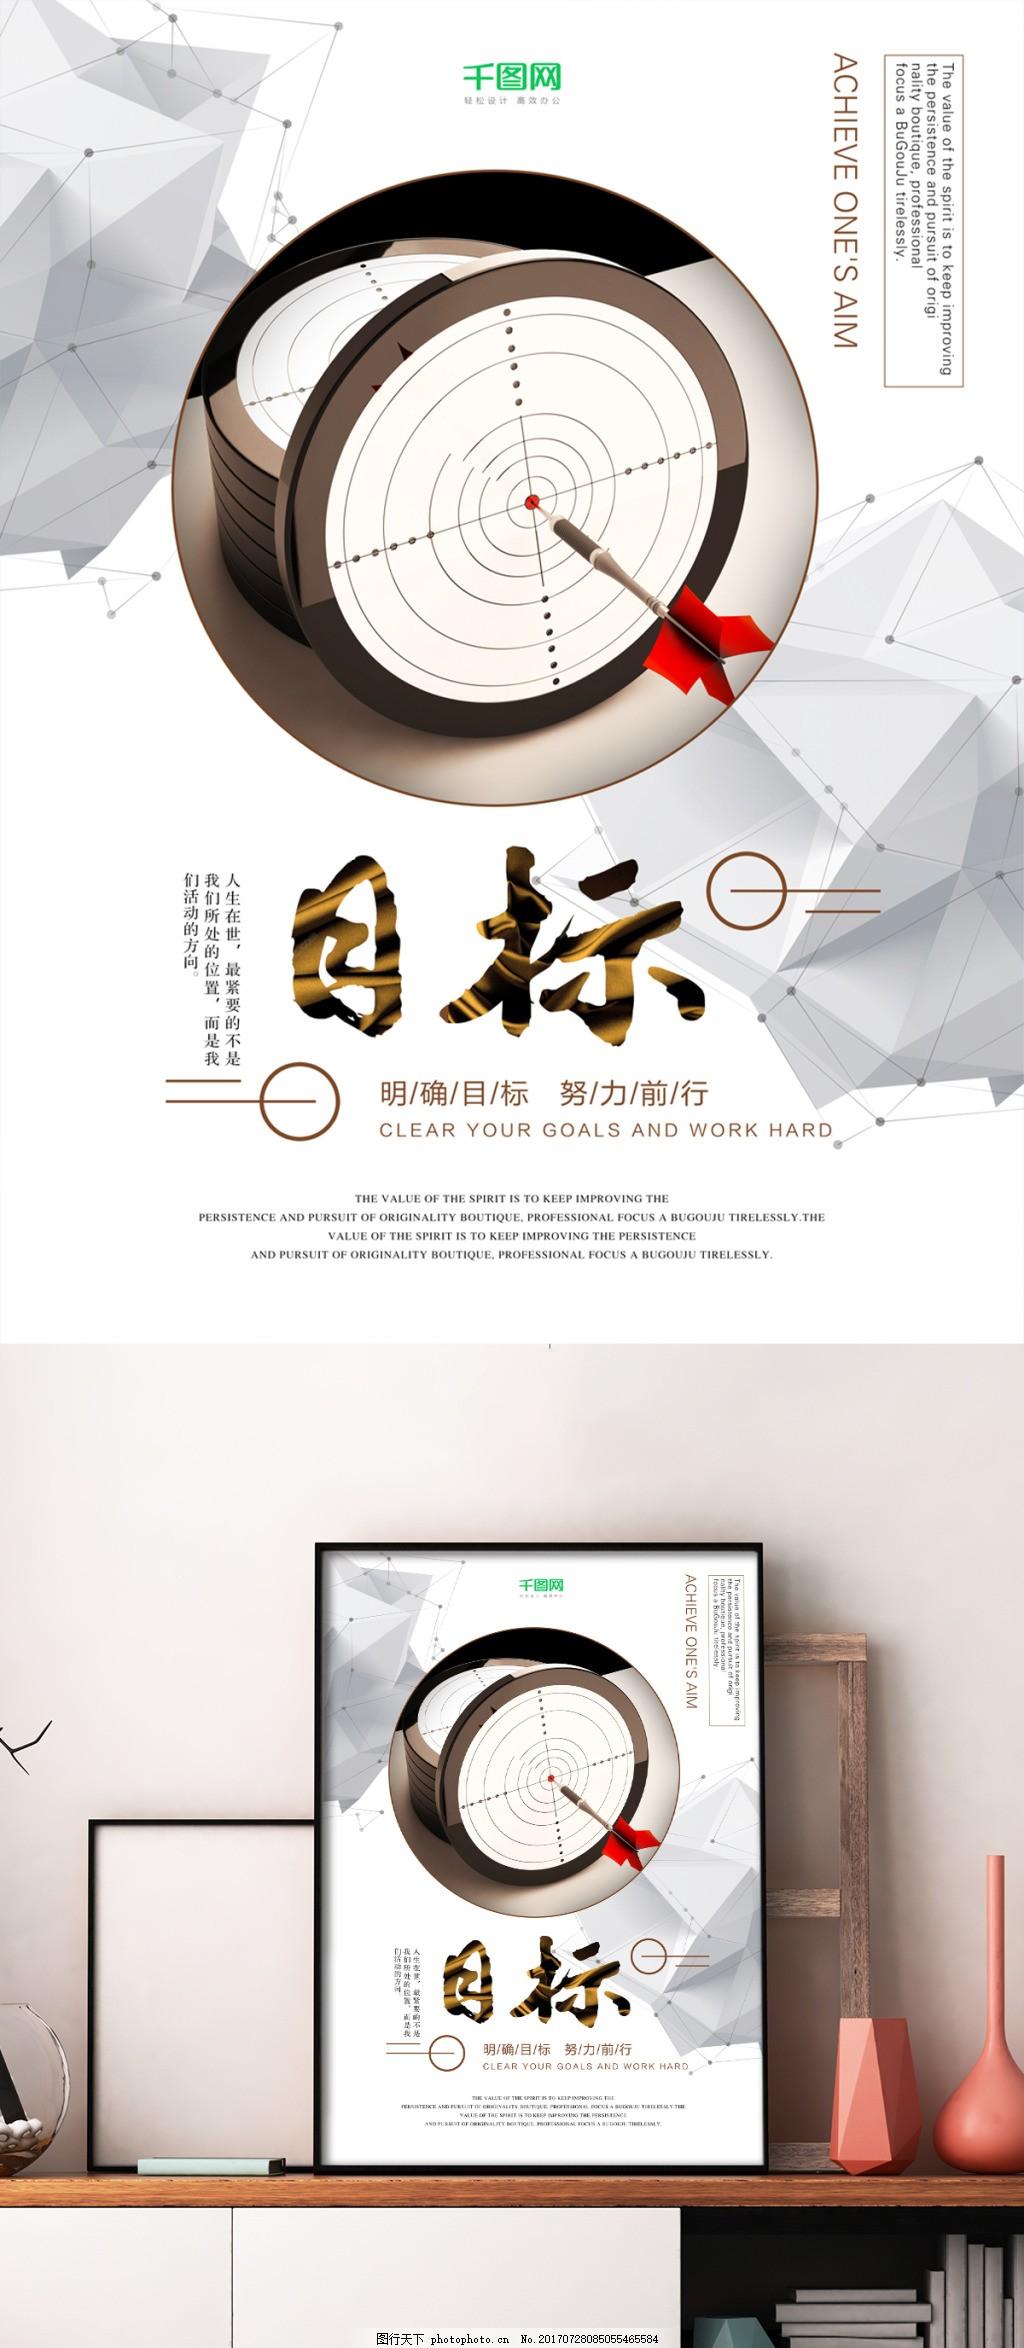 企业文化海报企业文化展板目标 展板模板 企业文化背景 企业精神